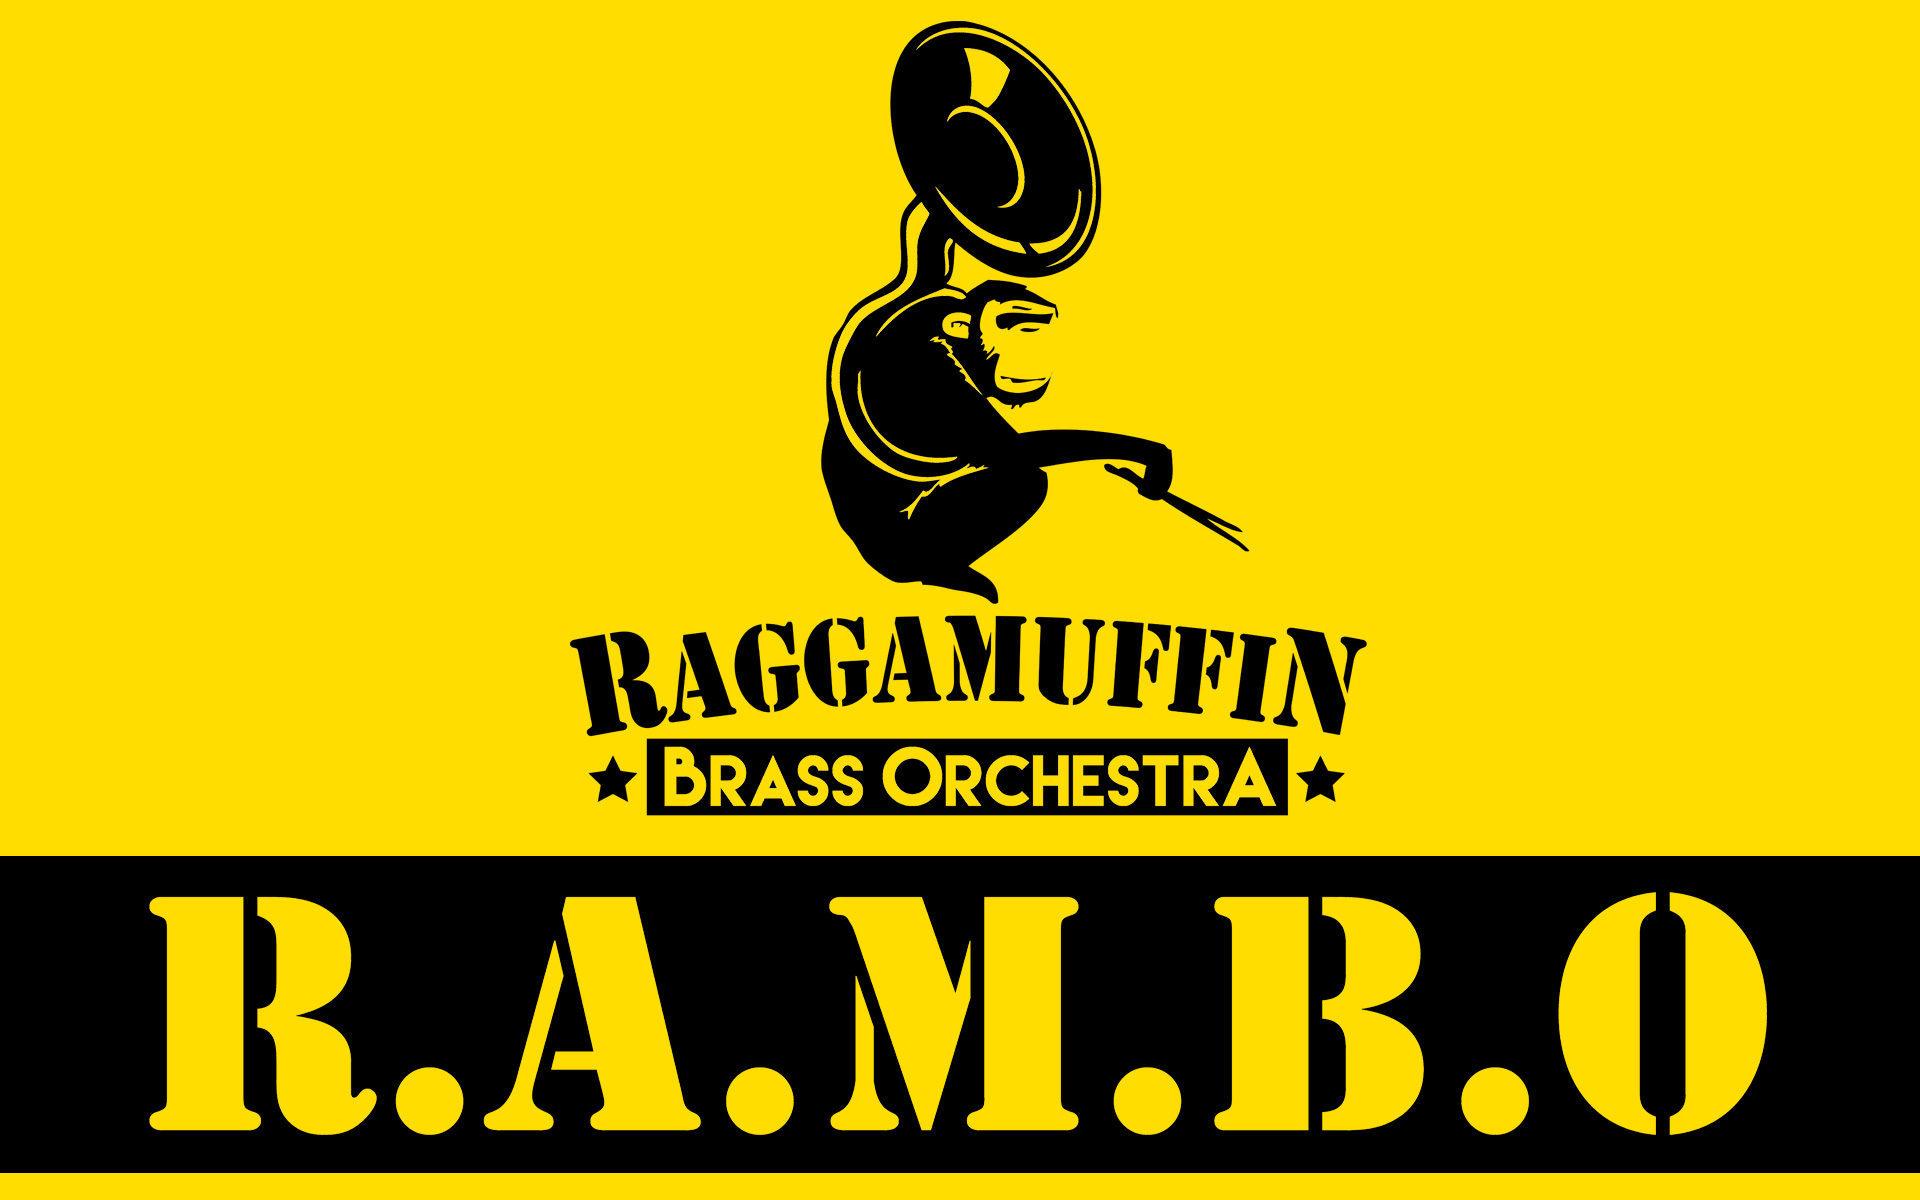 R.A.M.B.O